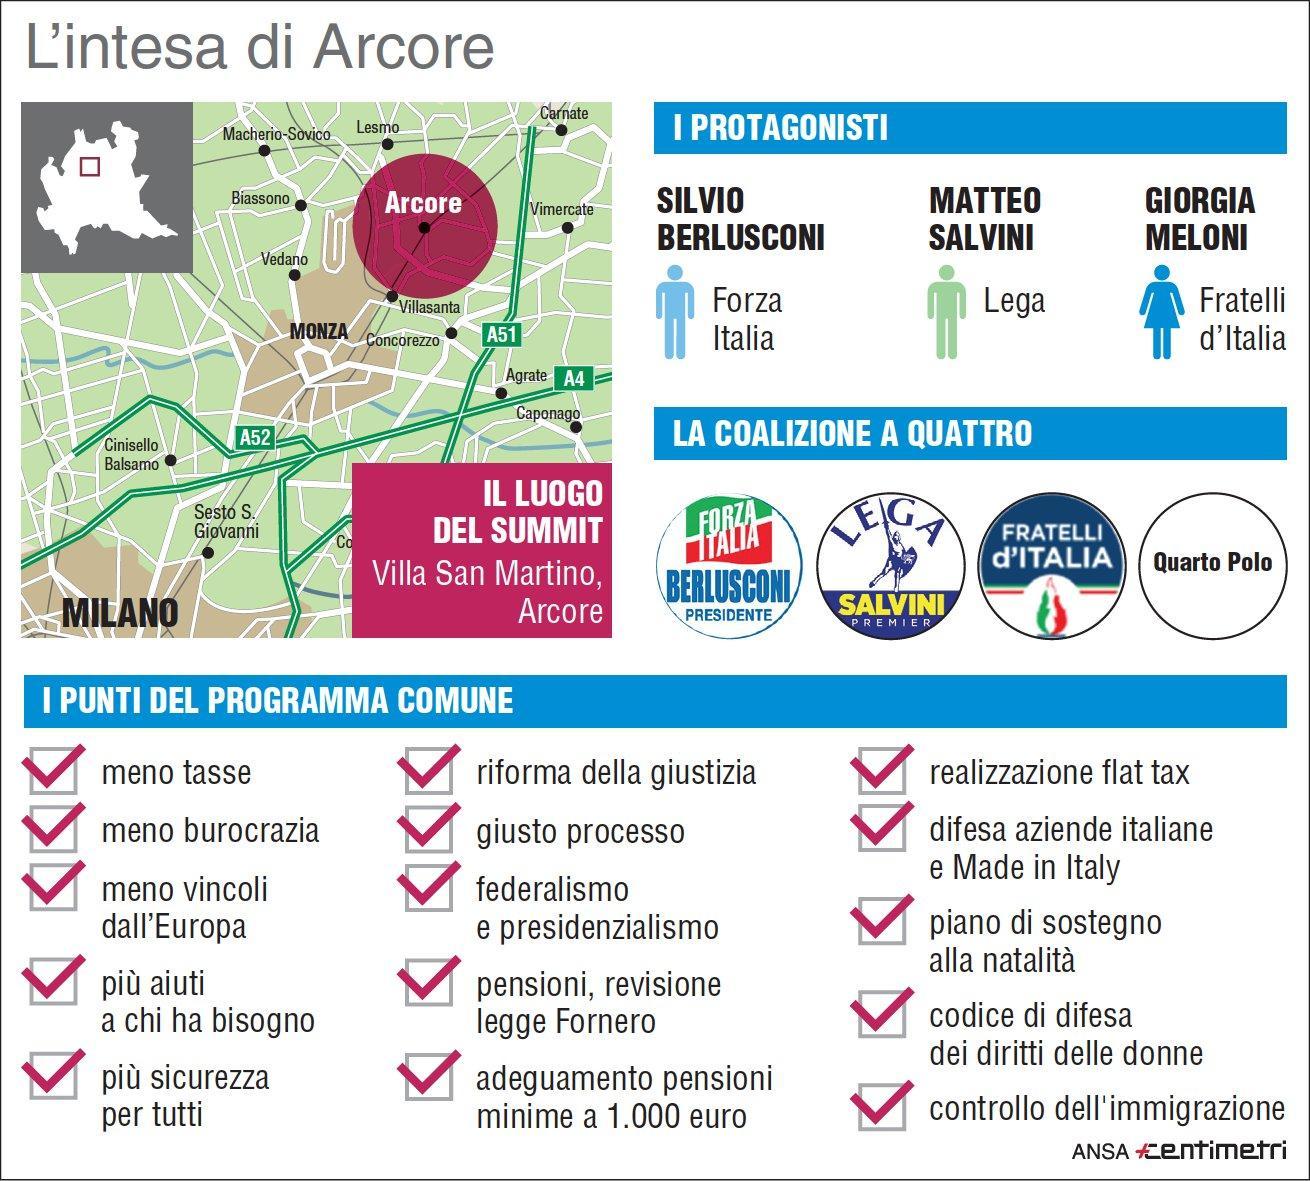 L intesa di Arcore tra Berlusconi, Salvini e Meloni